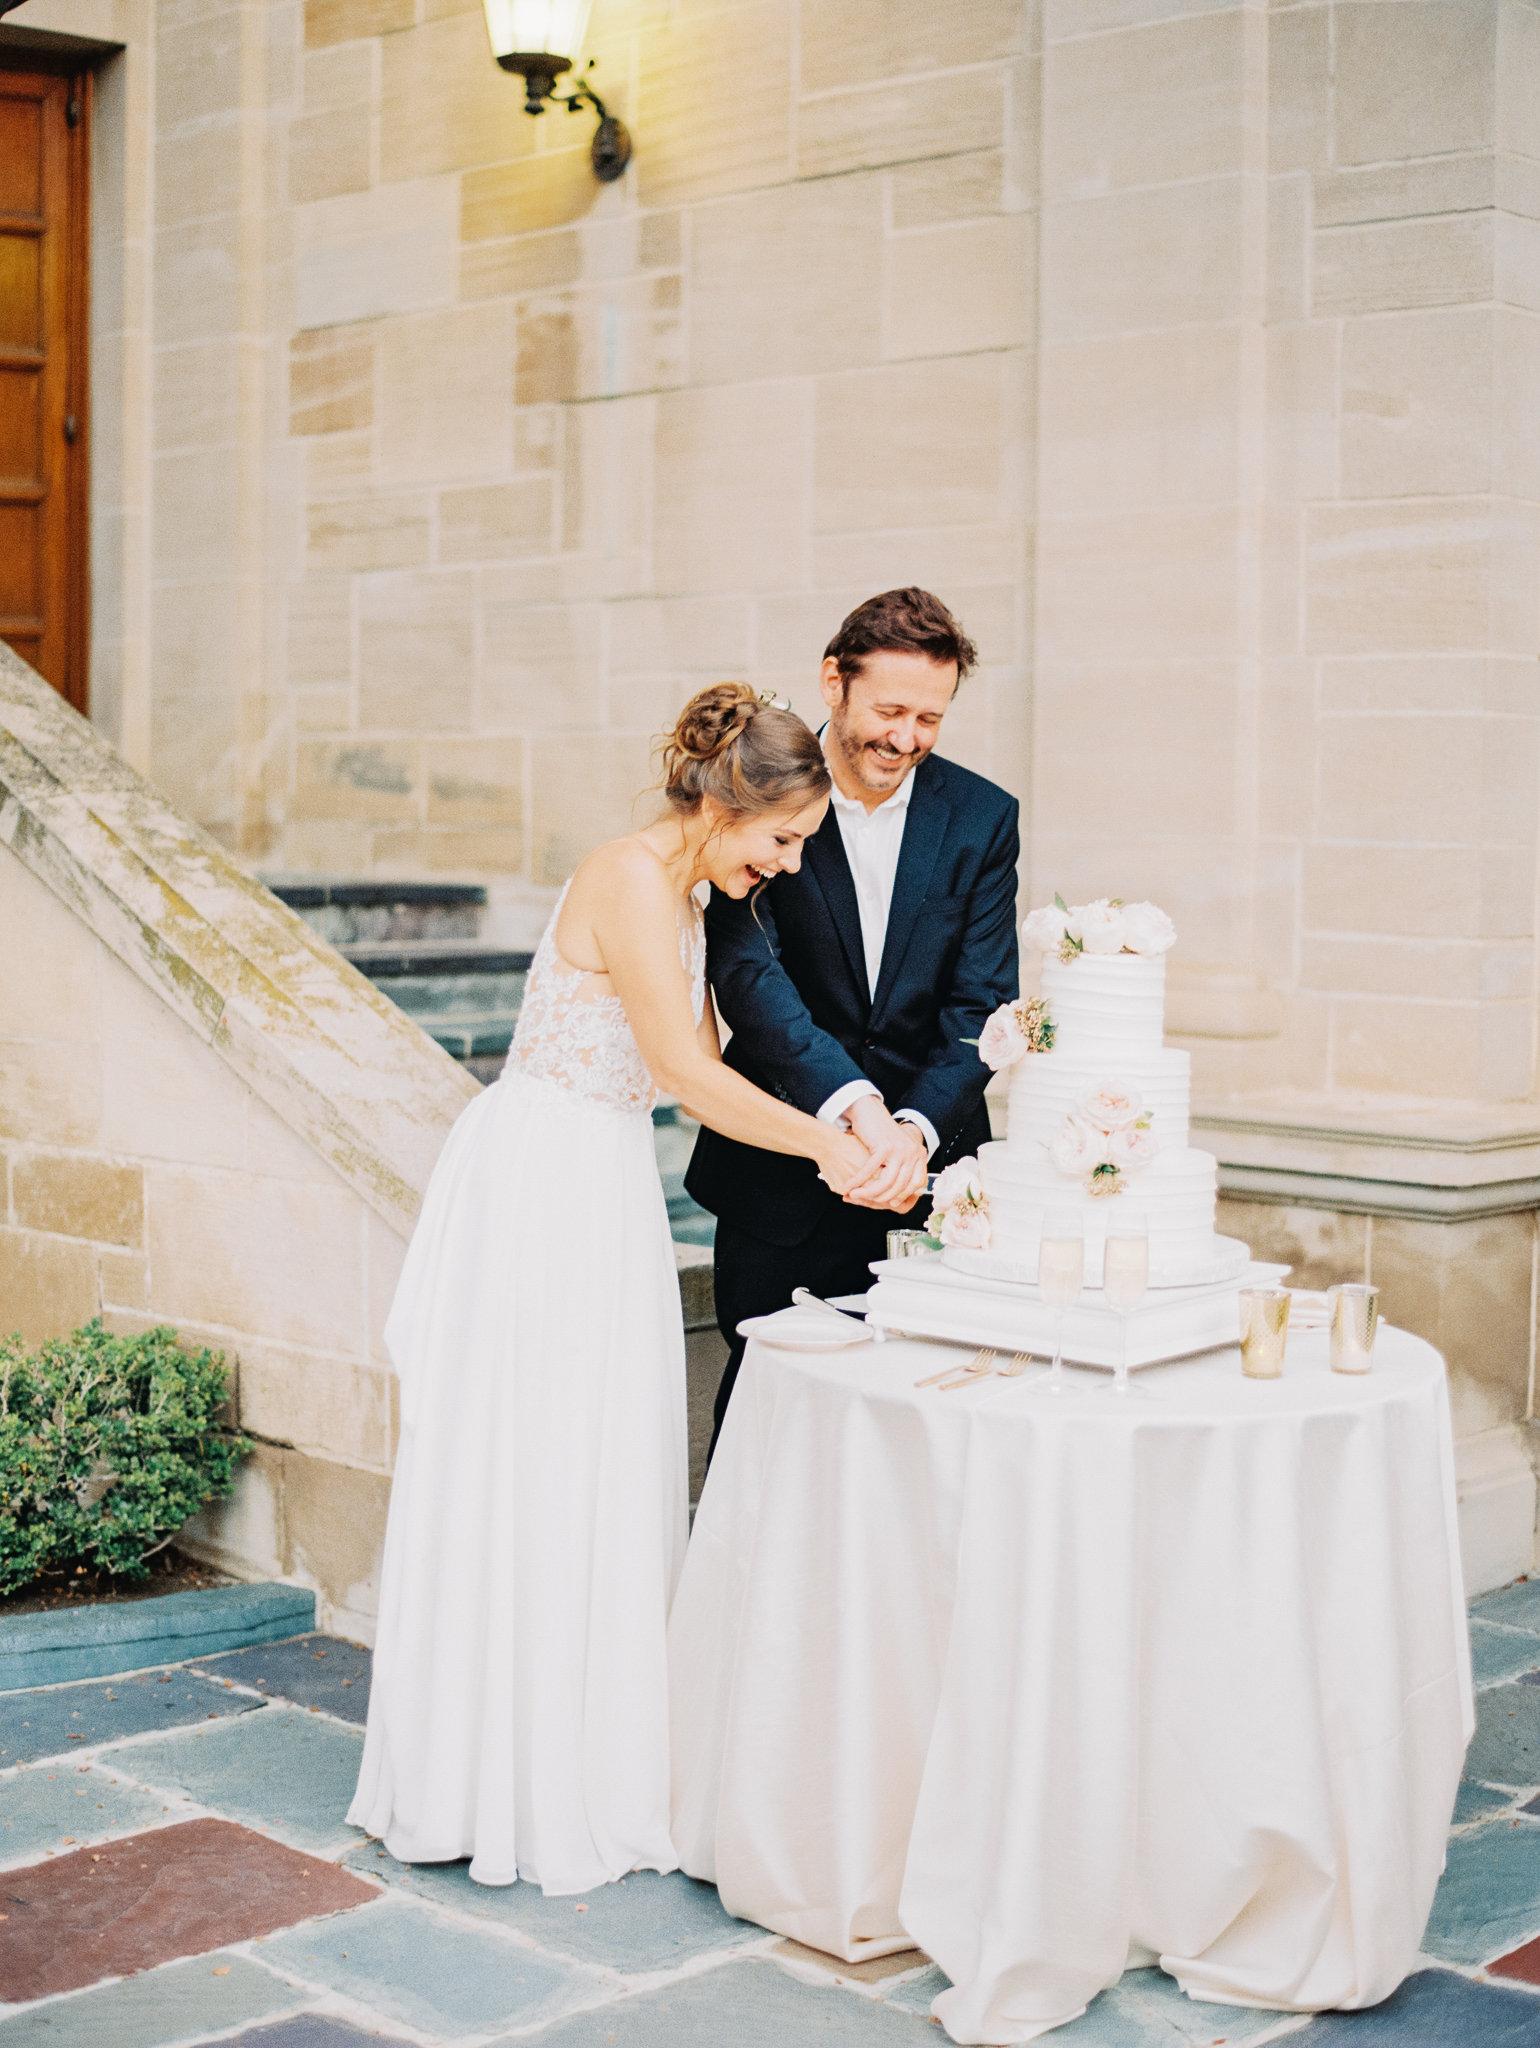 TanyaScott-Wedding-YingerFotokrafie-77.jpg